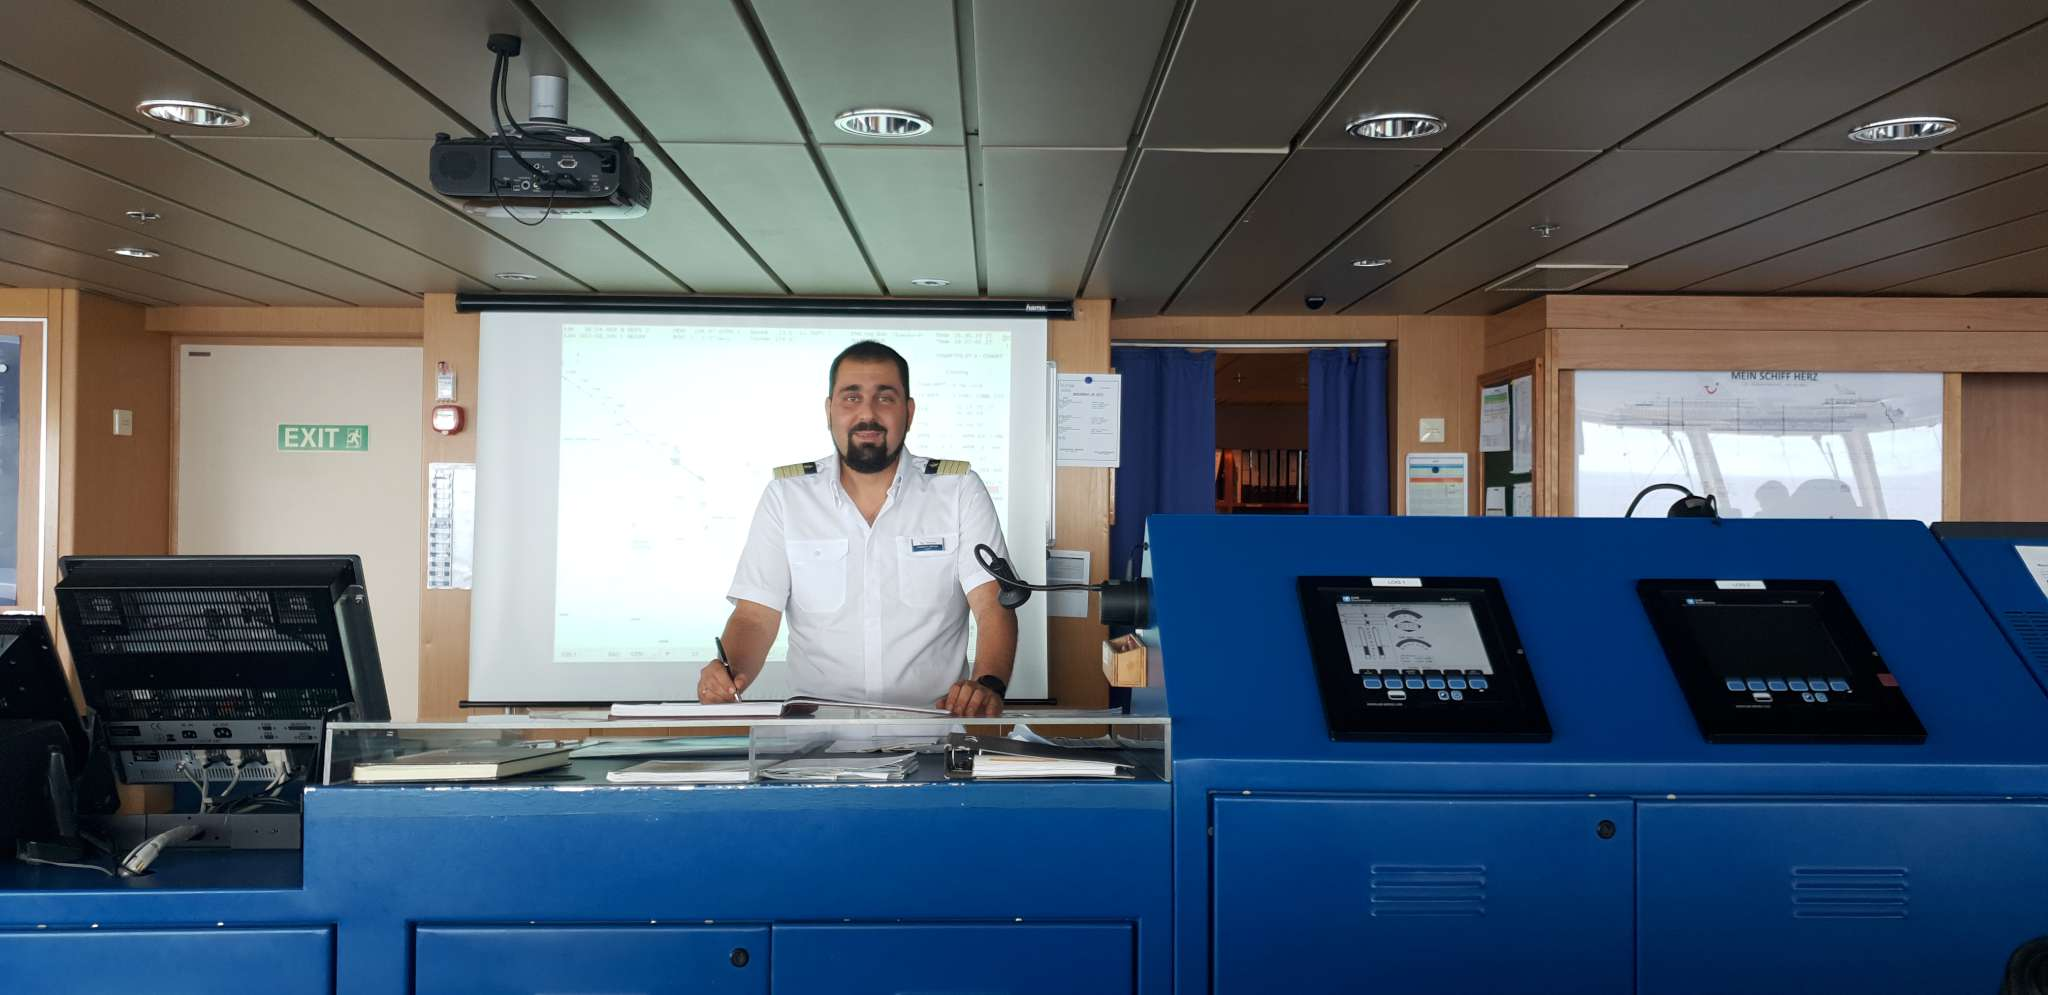 Im Porträt: Mein Schiff Kapitän Panagiotis Varotsos